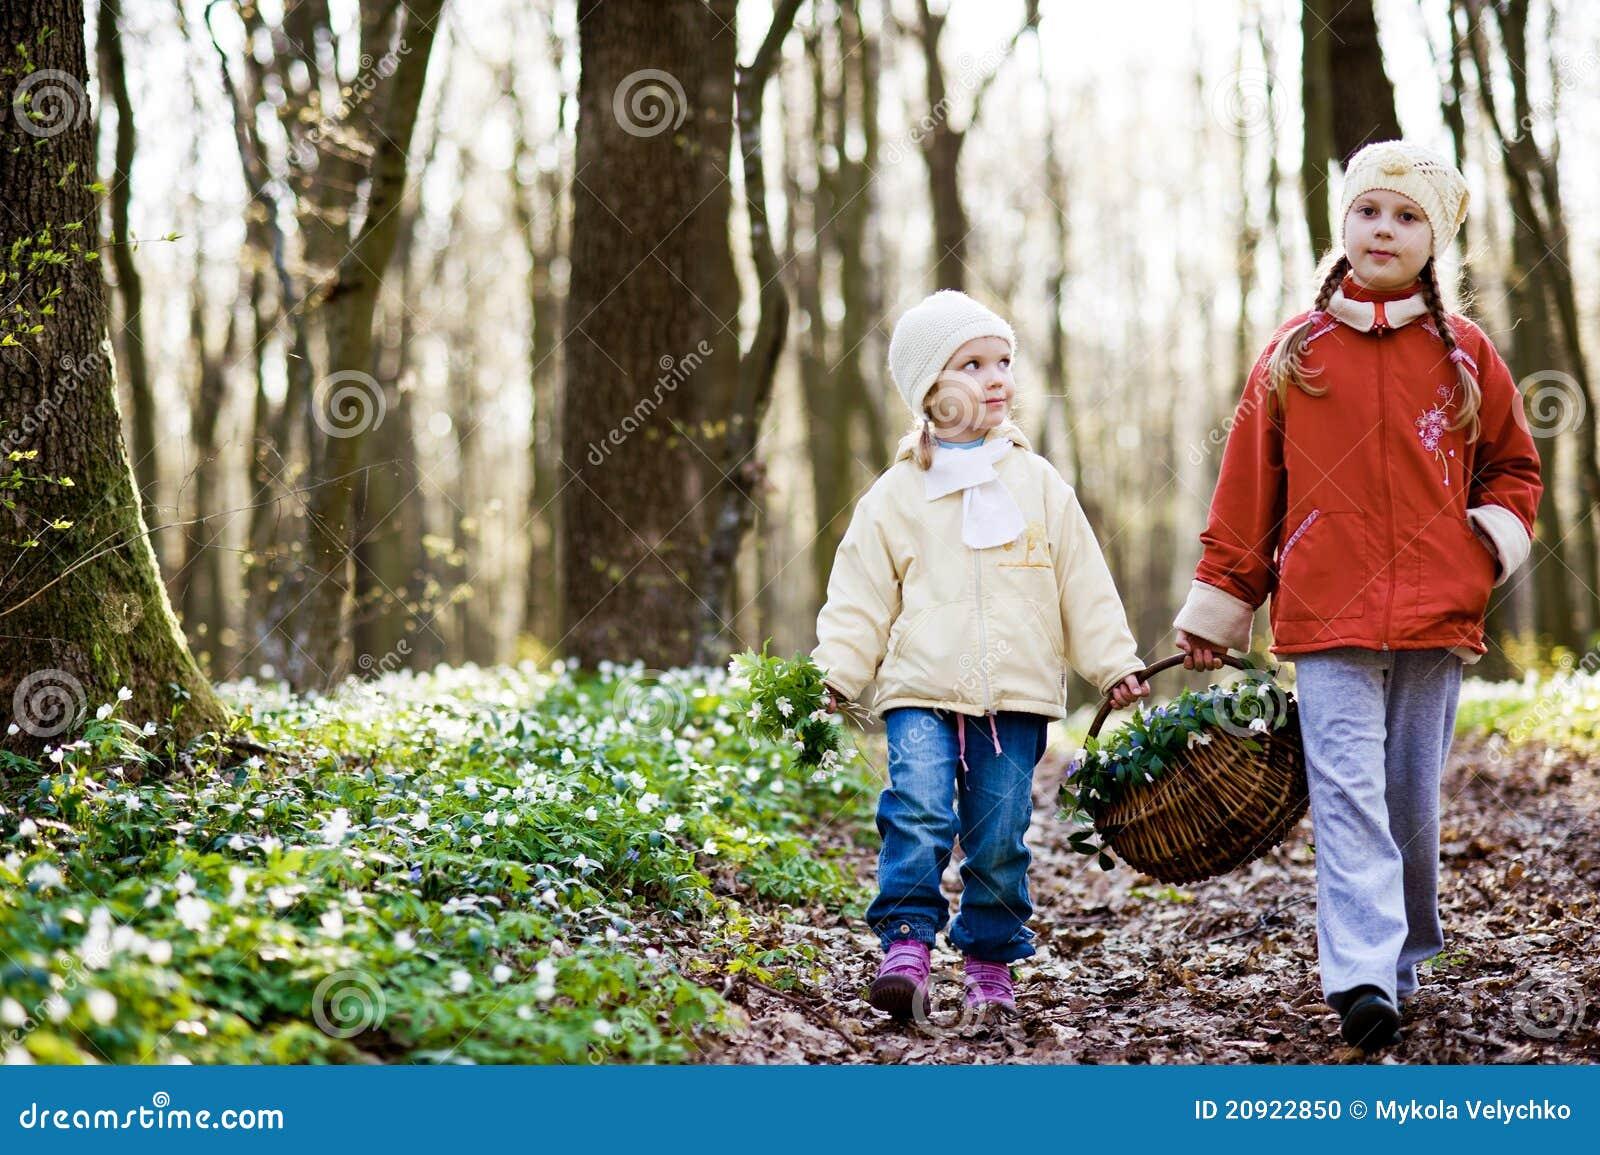 С сестрой в лесу 19 фотография